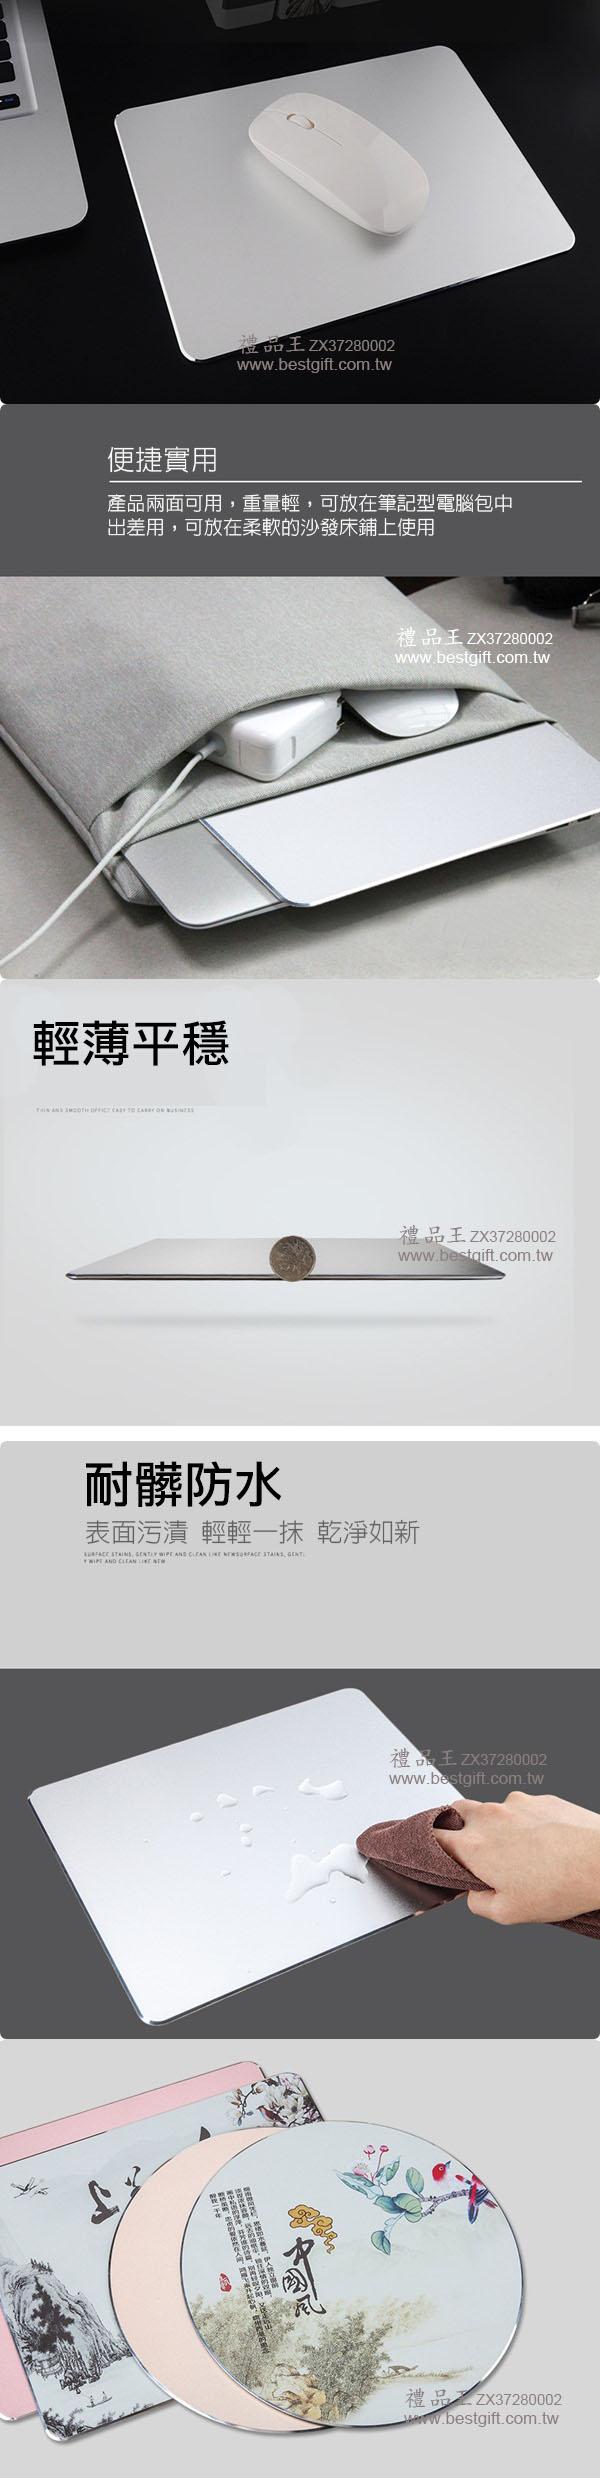 方形鋁合金滑鼠墊     商品貨號: ZX37280002